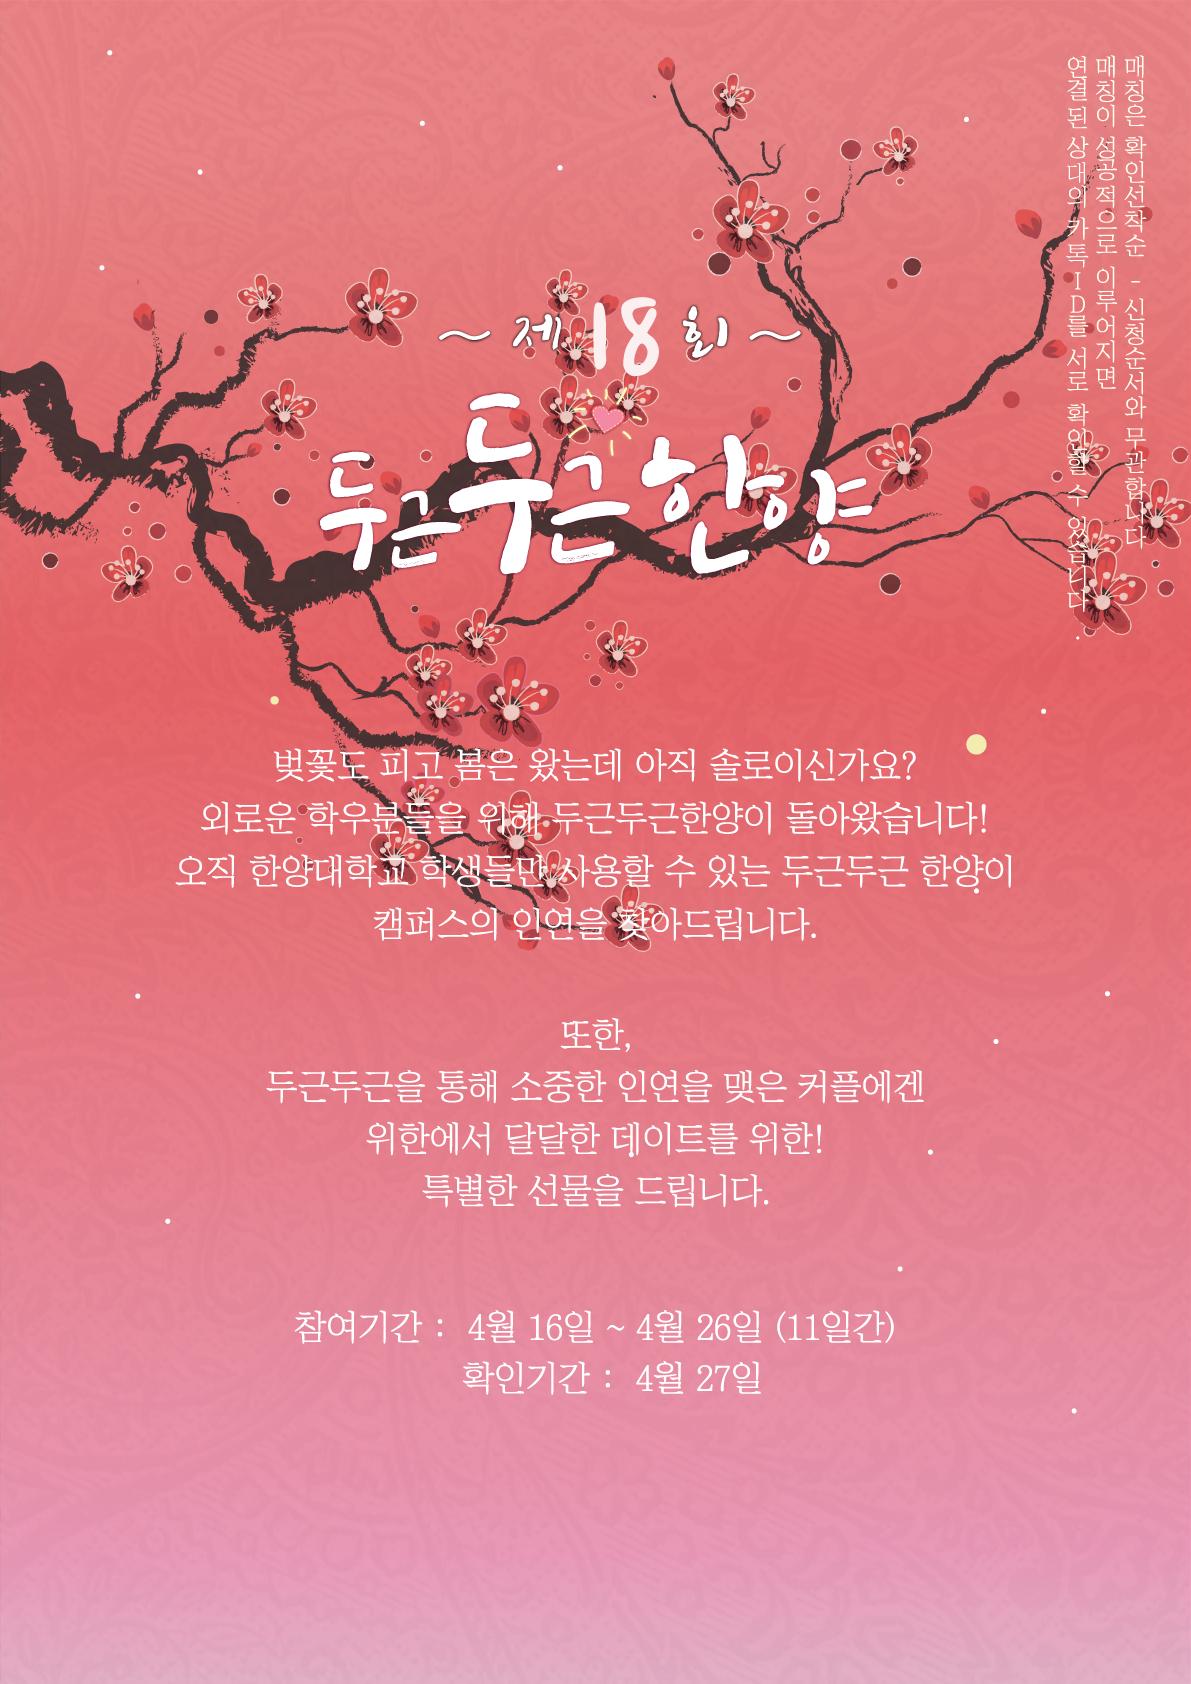 두두한_봄(수정).png